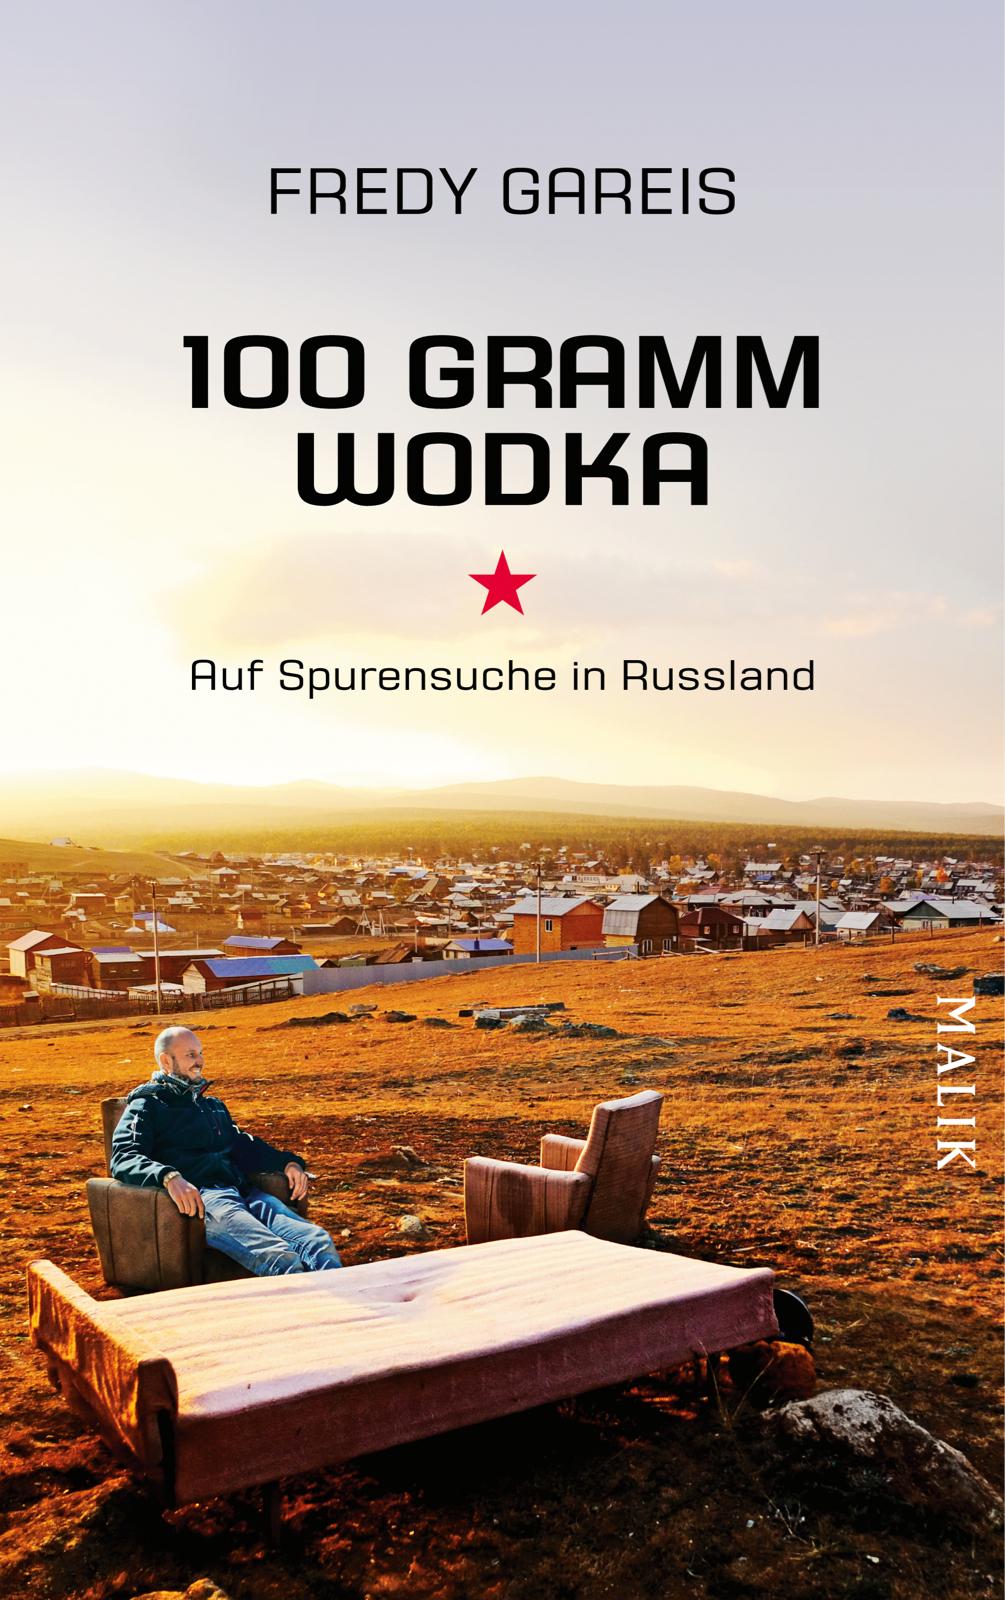 Fredy Gareis | Bilder-Vortrag: 100 Gramm Wodka, auf Spurensuche in Russland